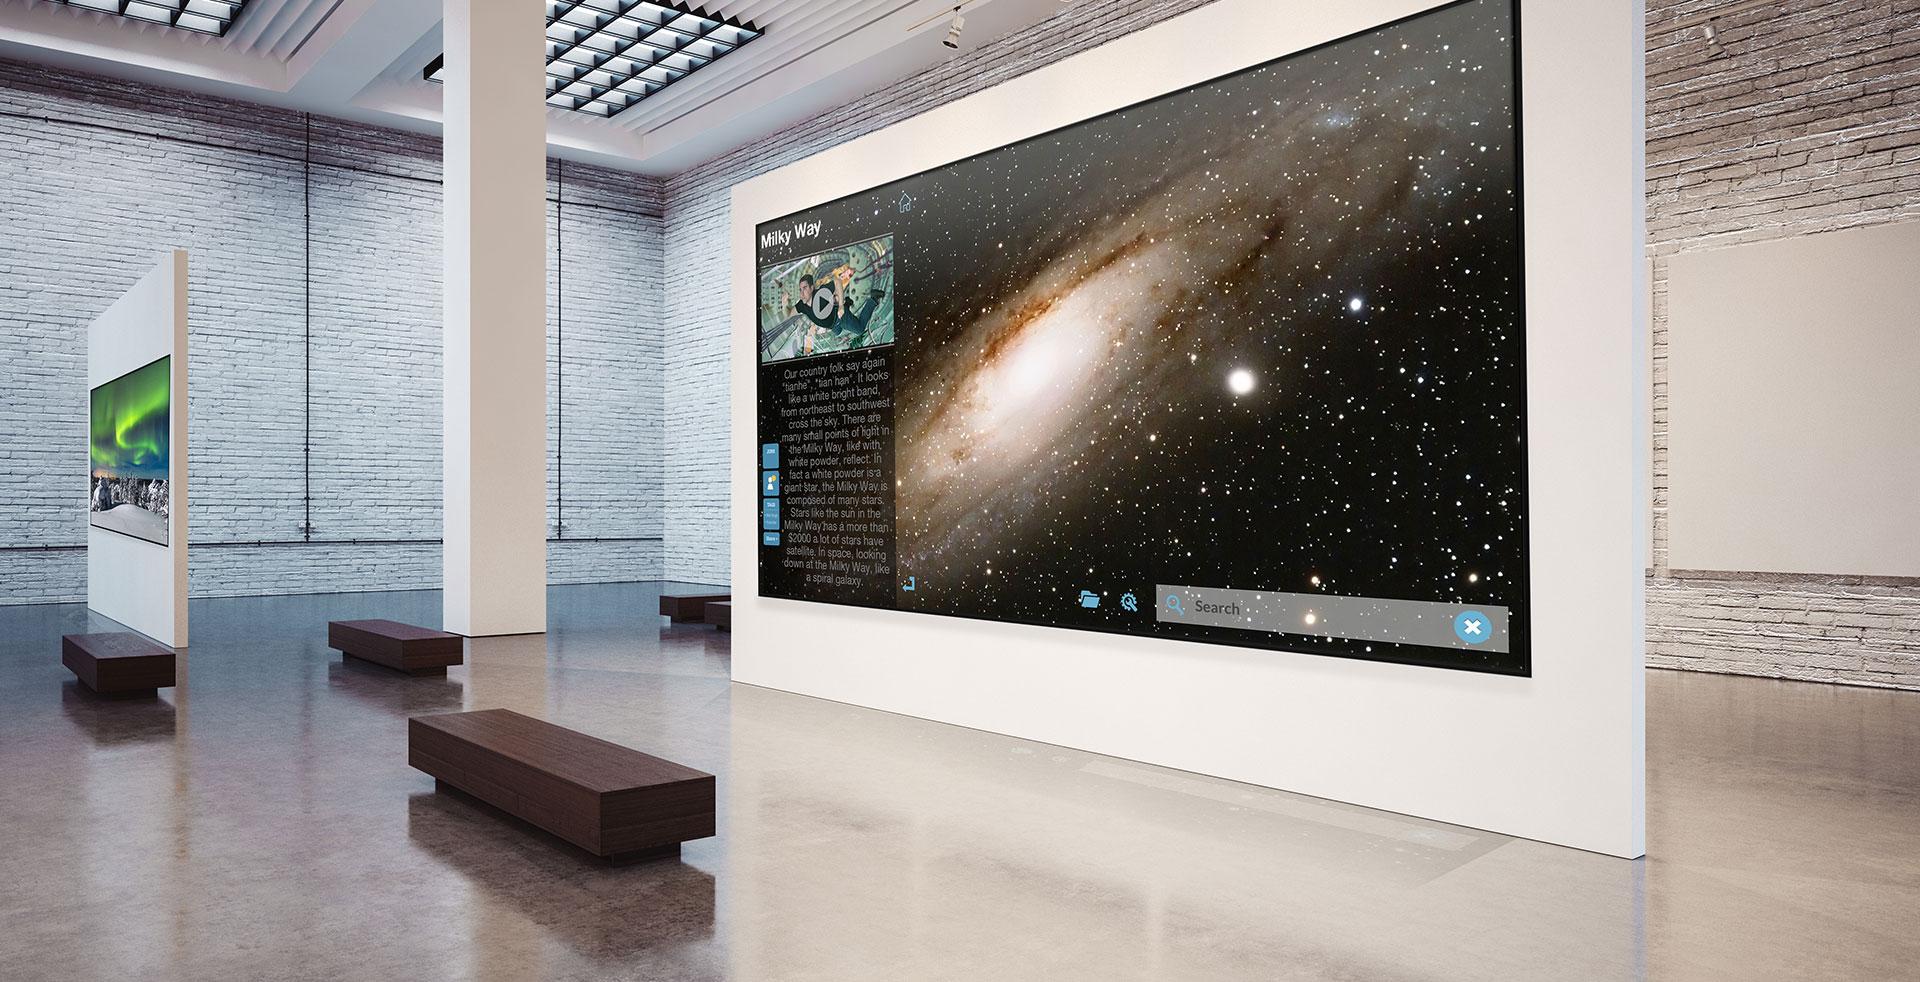 8K Fernseher werden bis 2020 boomen